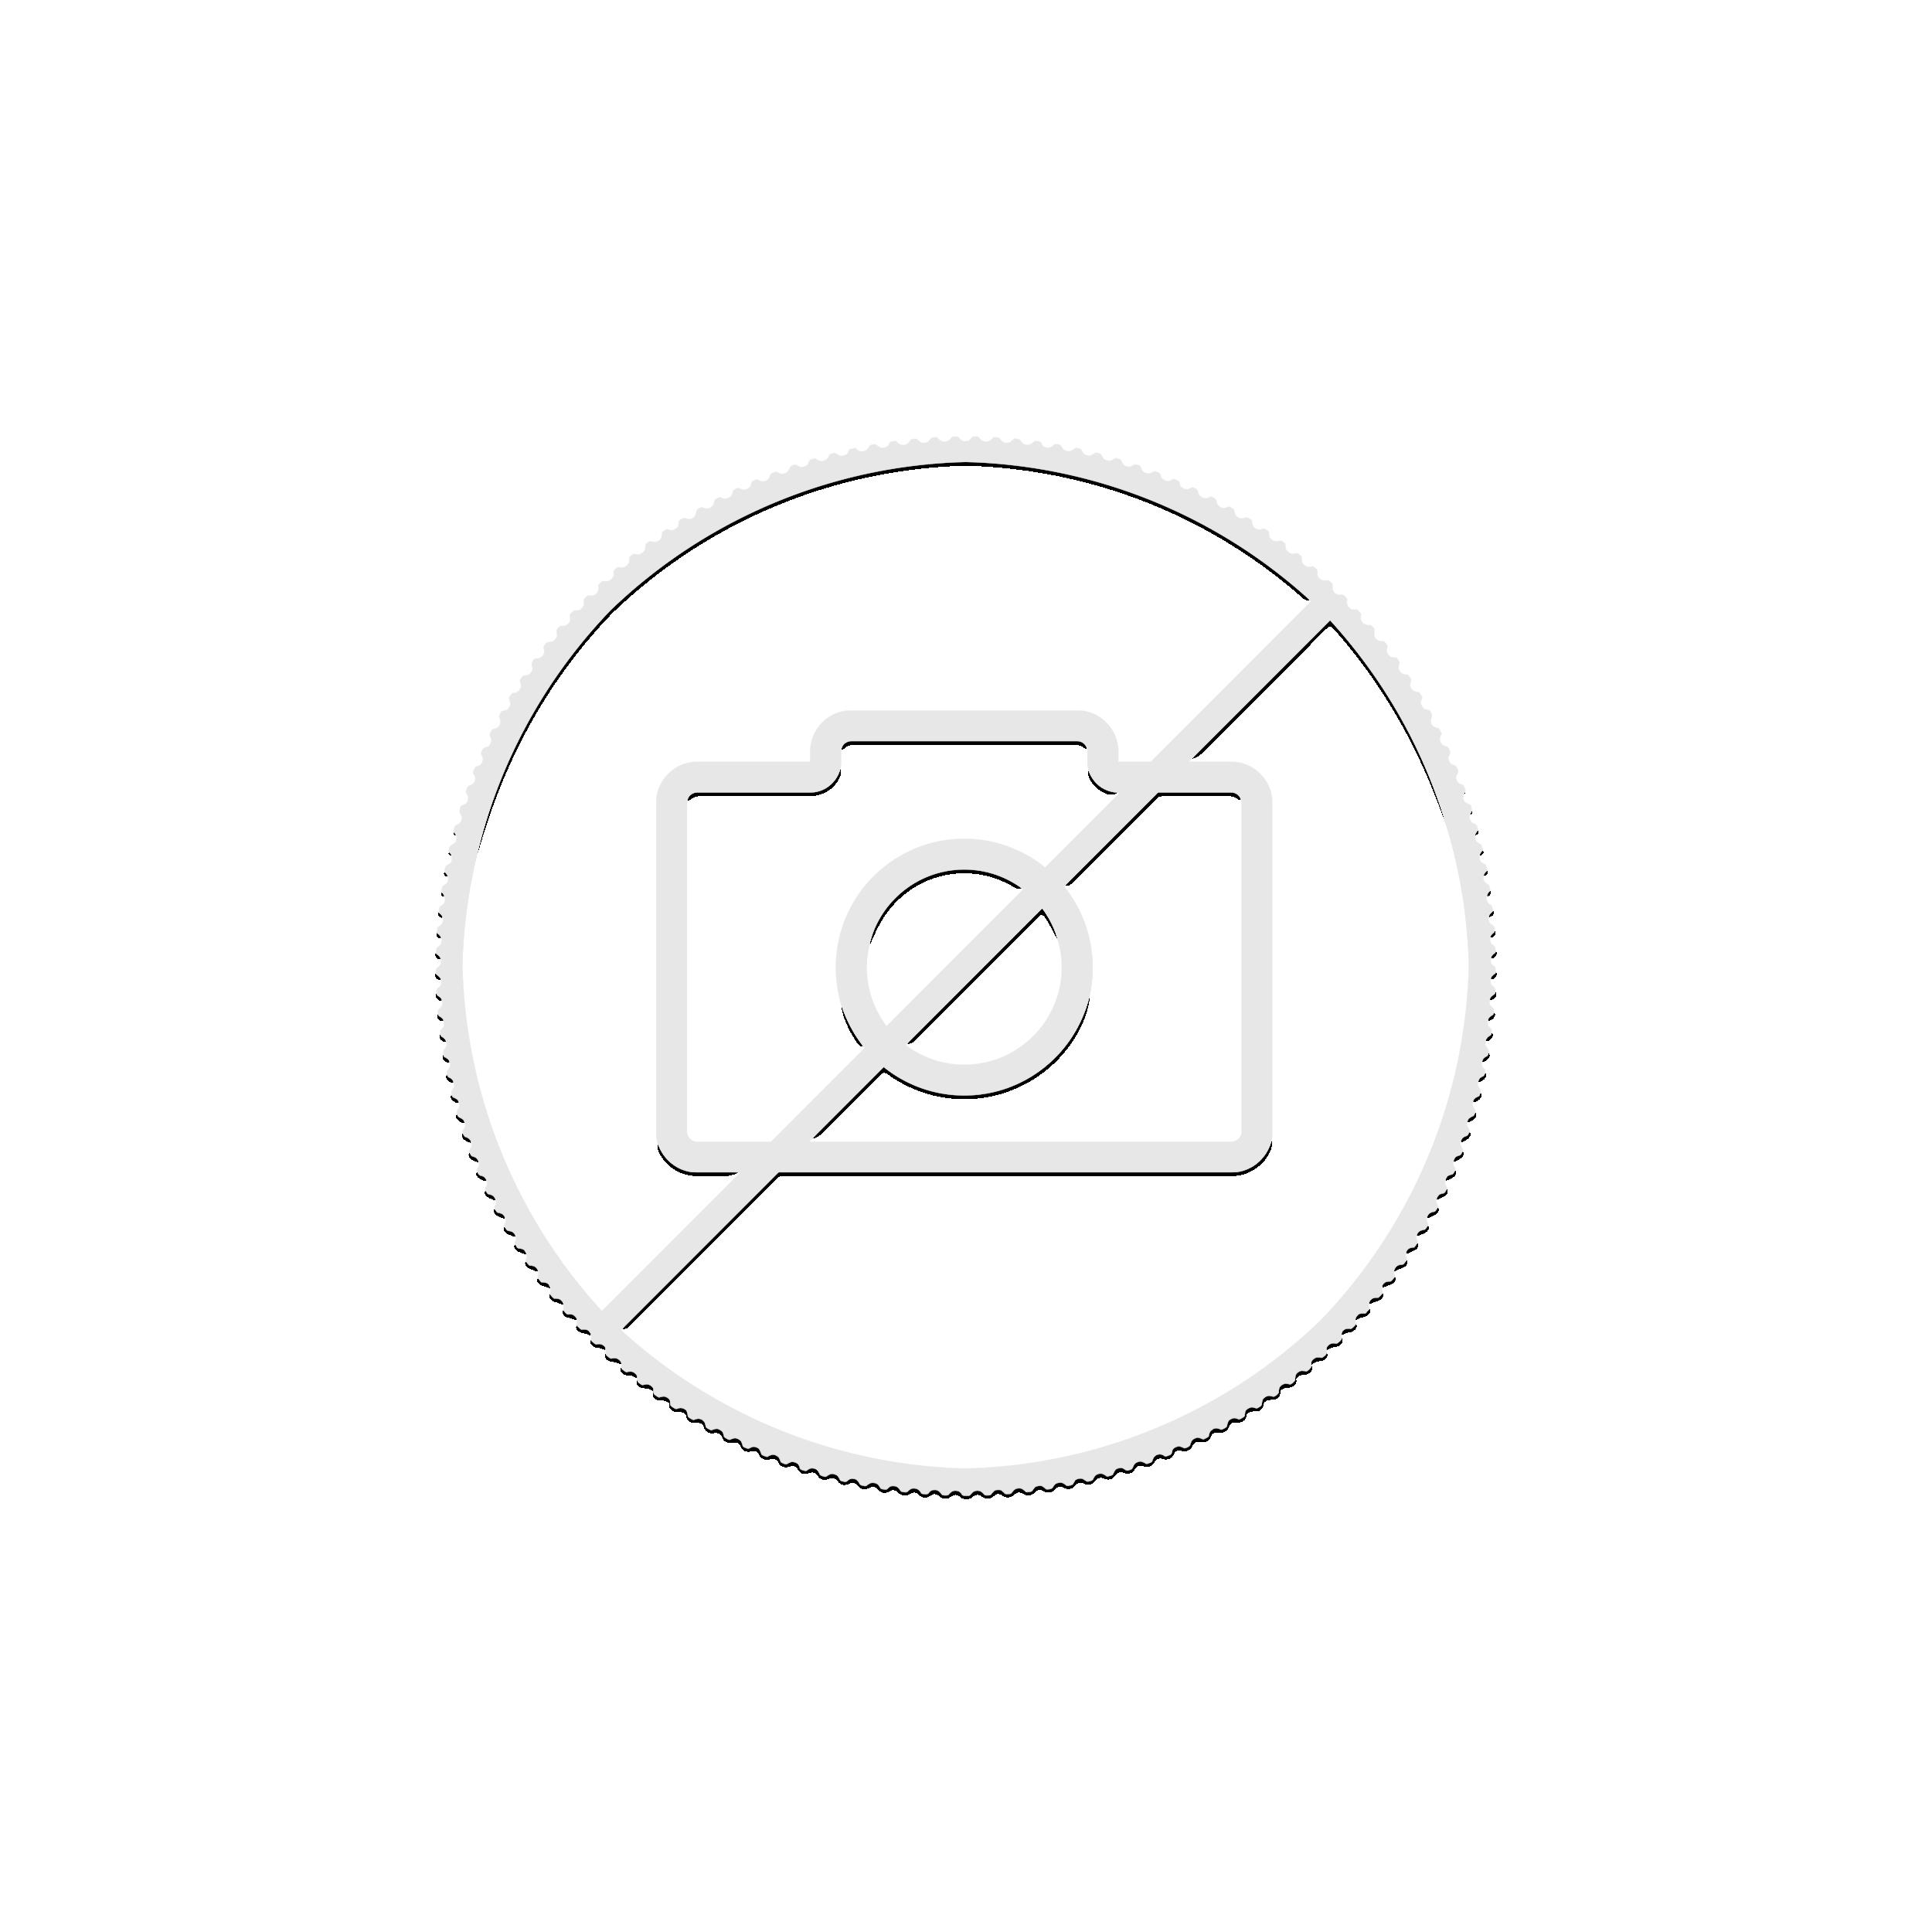 1/2 Troy ounce silver coin Lunar 2022